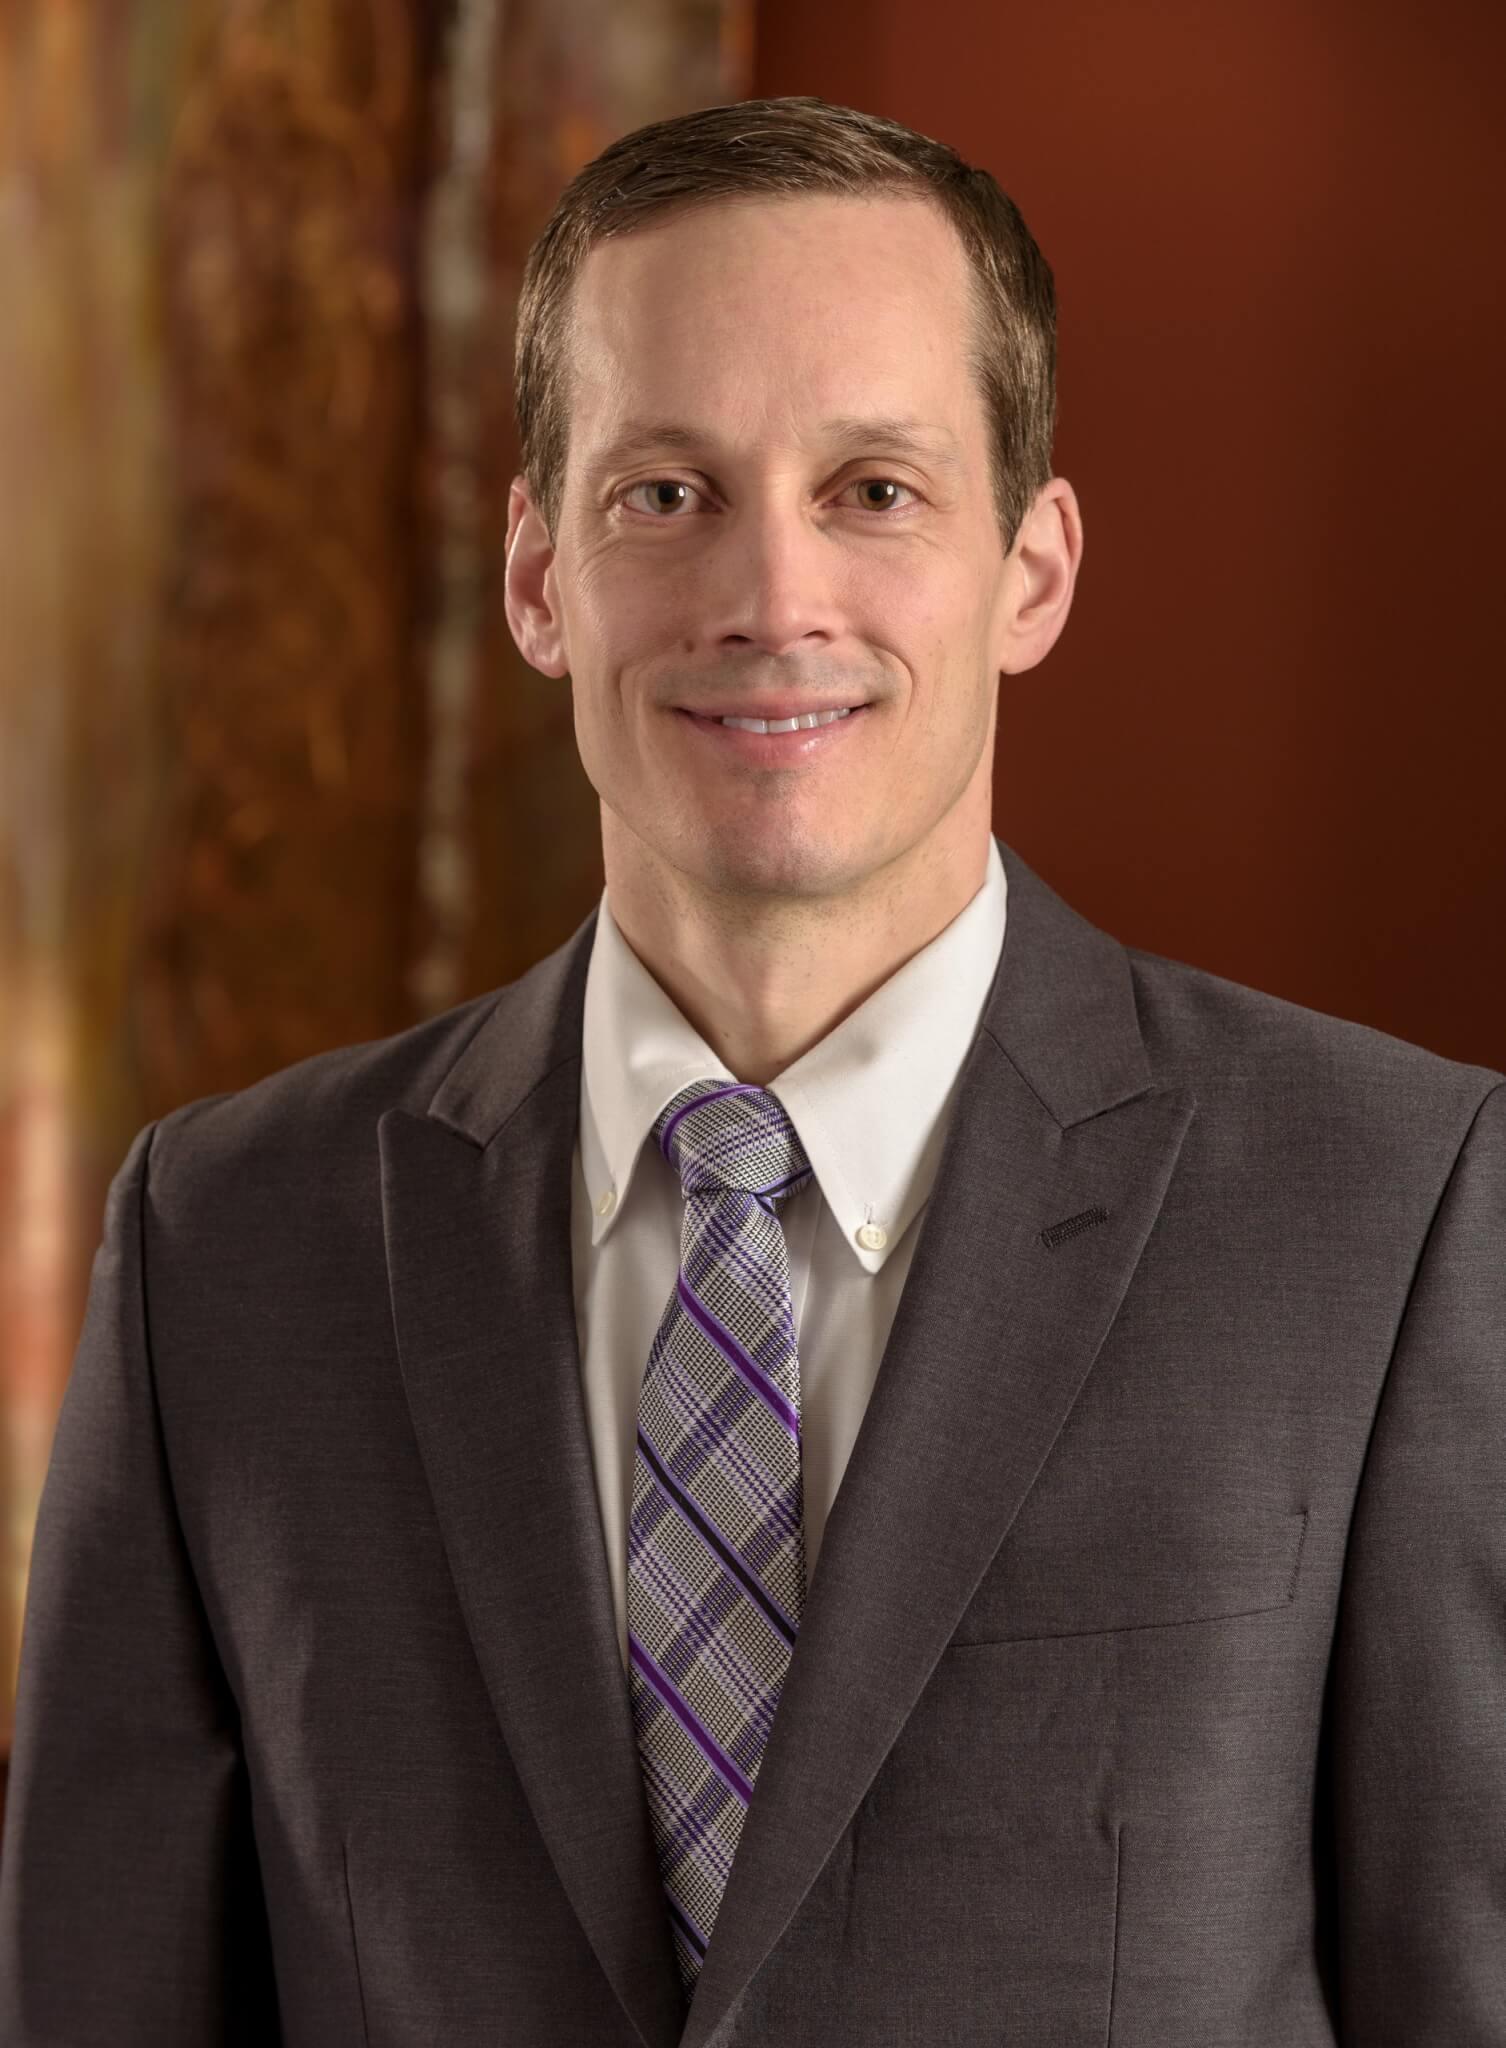 Dr. Brian Minnillo